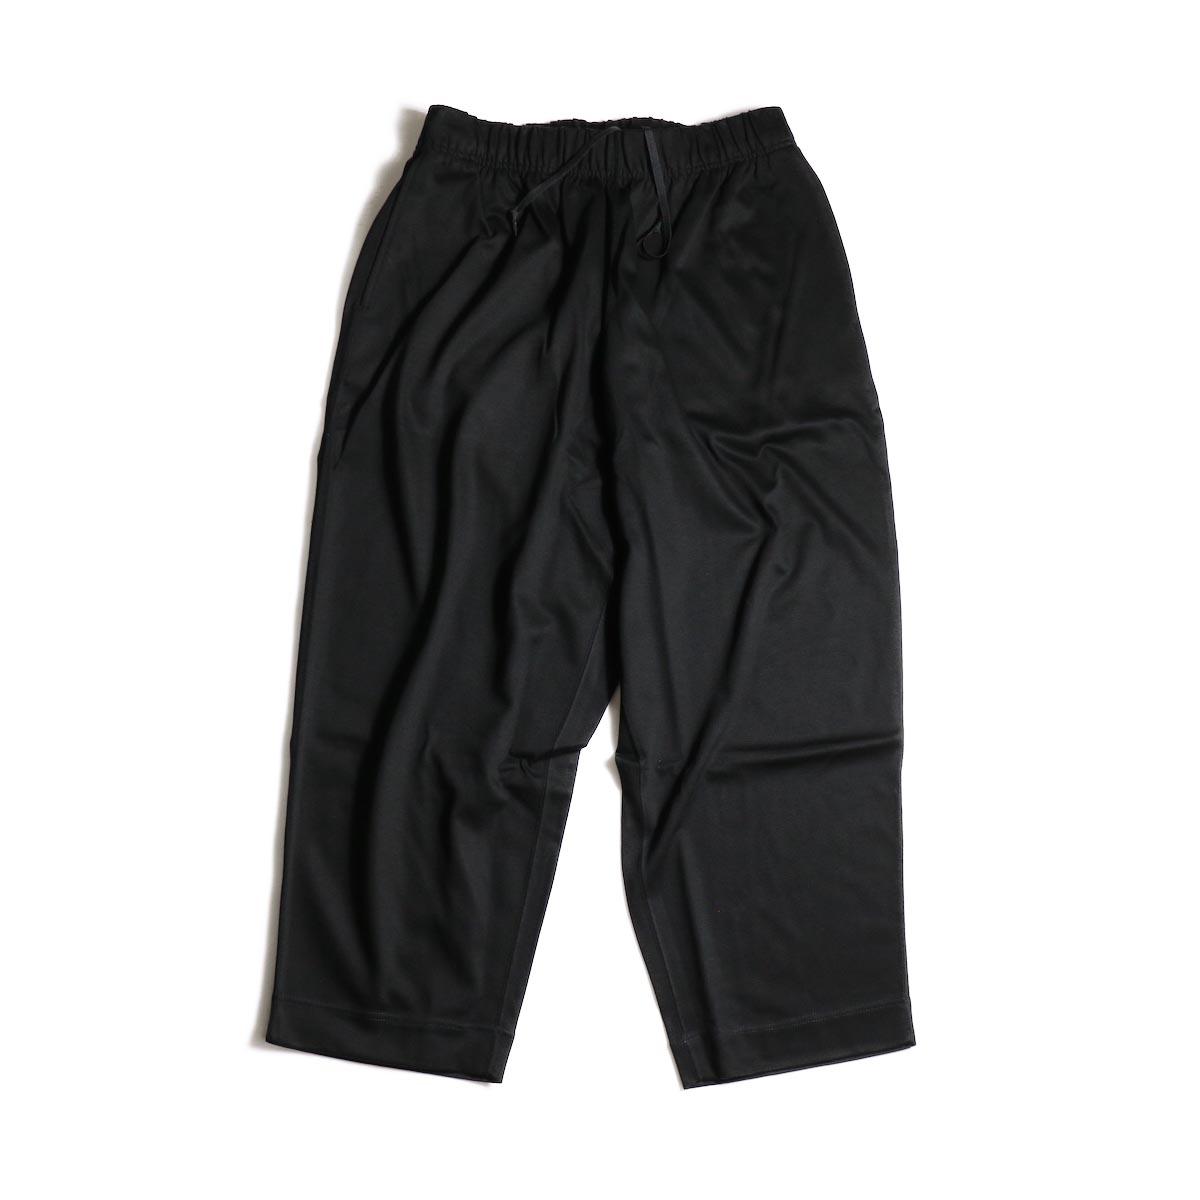 N.HOOLYWOOD / 1202-CP05-034  Wide Easy Pants (Black)正面